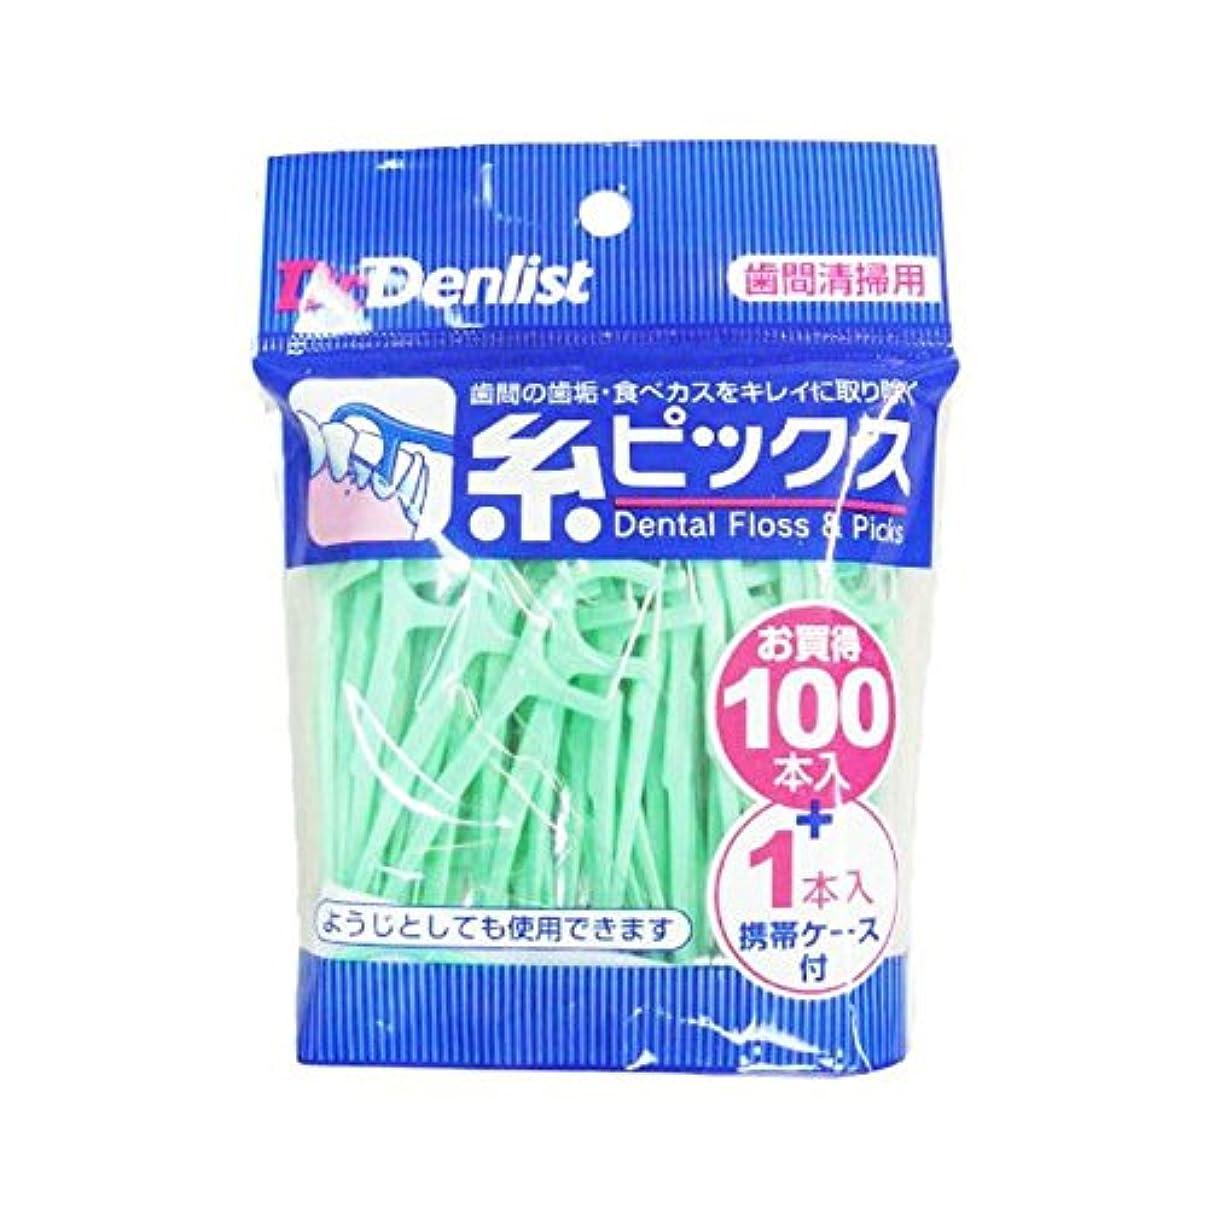 エラーキャロライン勝利したDr.デンリスト 糸ピックス(歯間清掃用) 100本+1本(携帯ケース付)